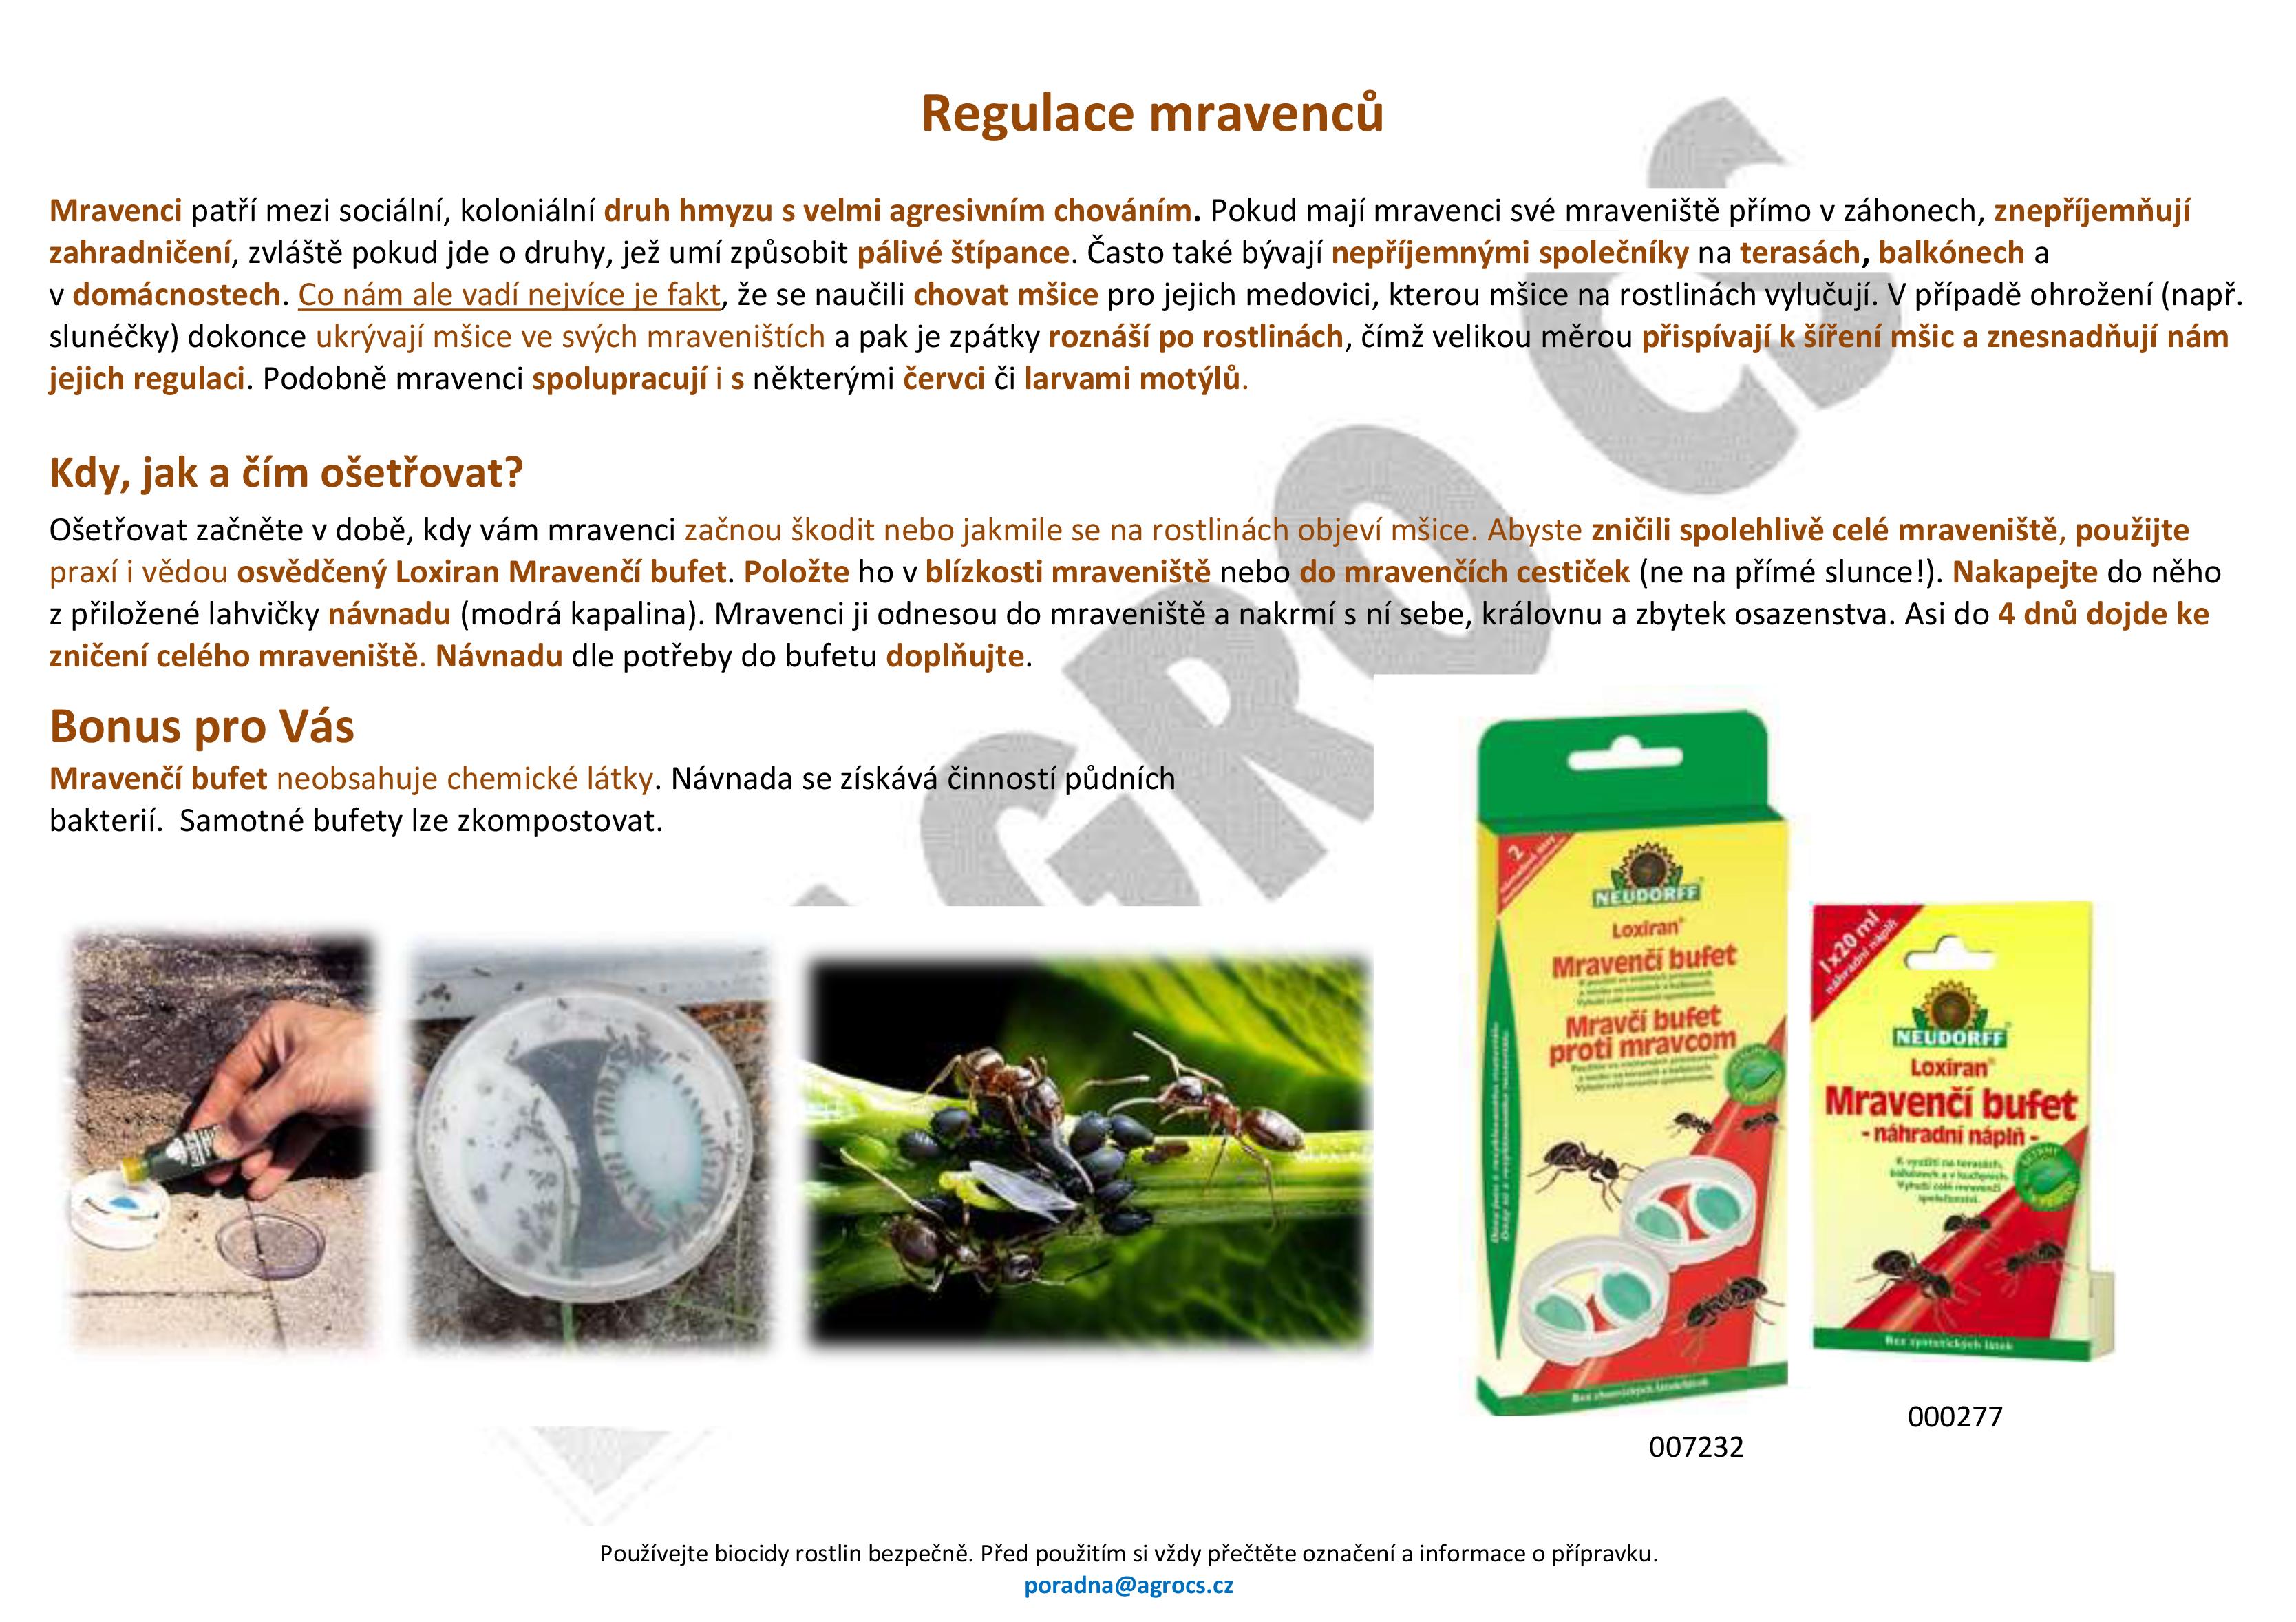 Regulace mravenců v záhonech